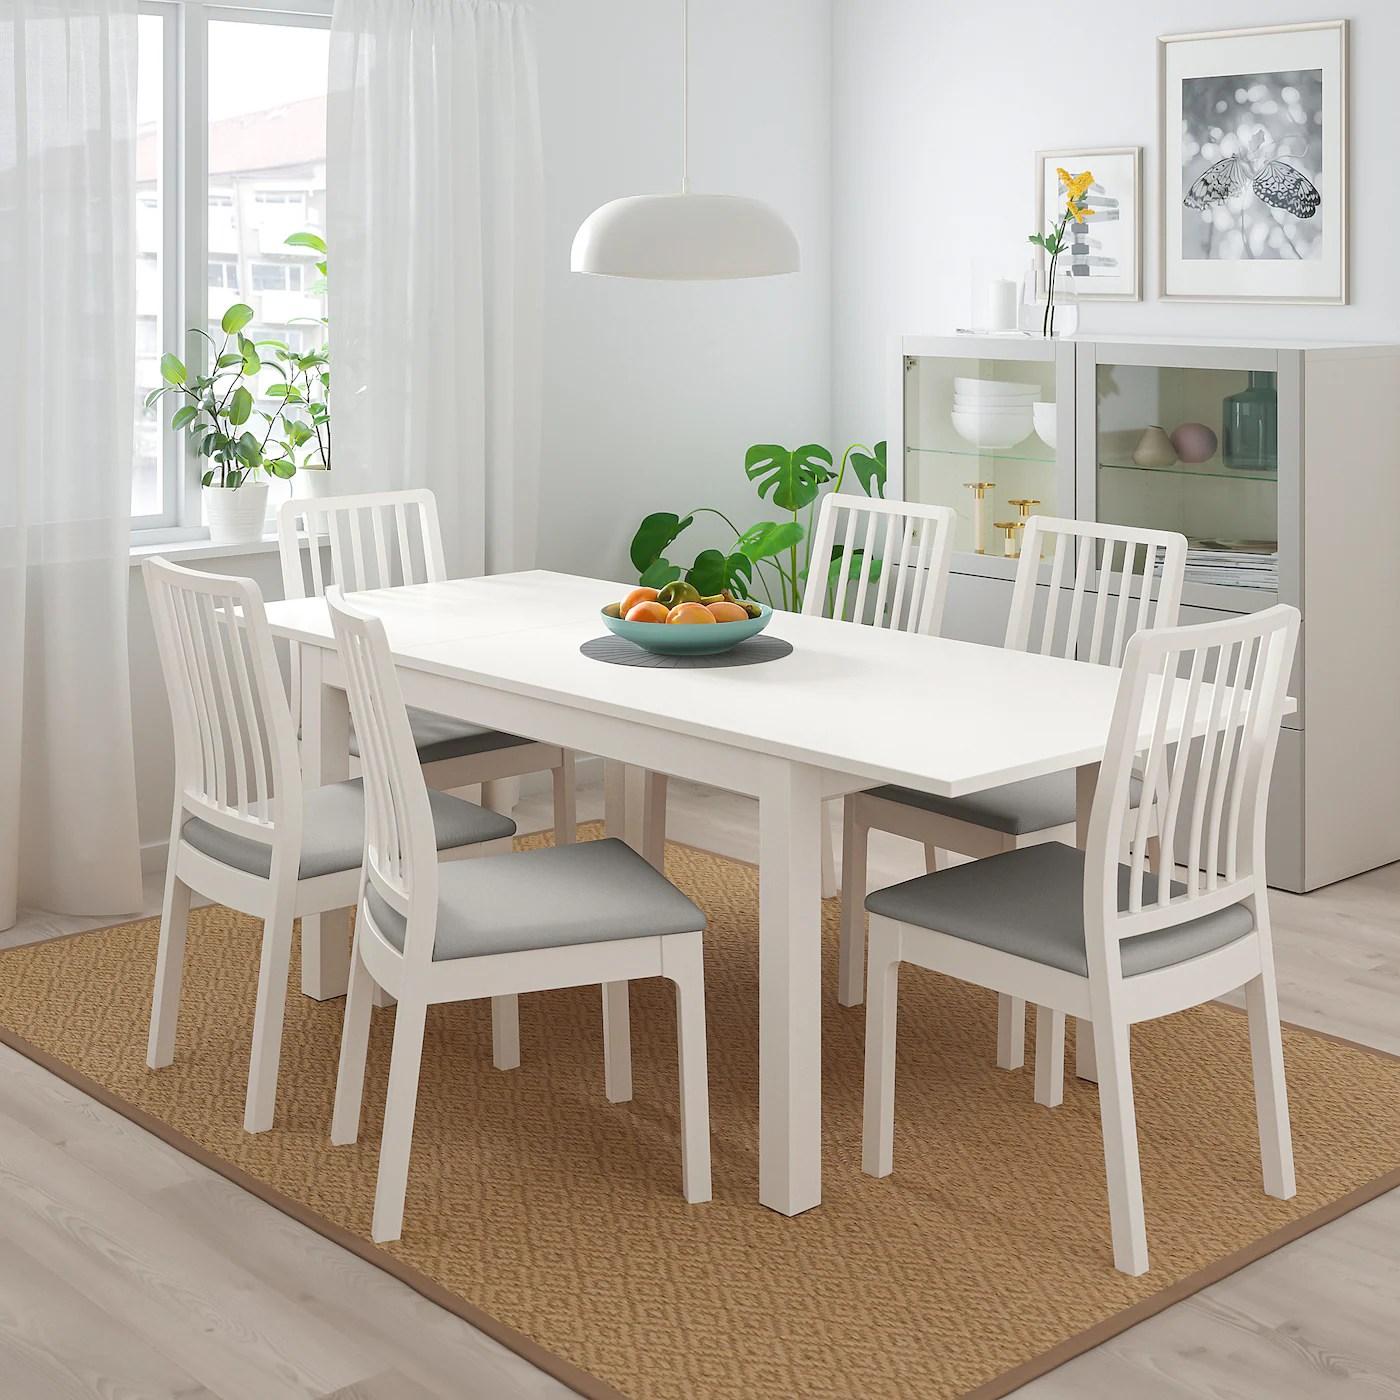 laneberg ekedalen table et 4 chaises blanc blanc gris clair 51 1 8 74 3 4x31 1 2 130 190x80 cm